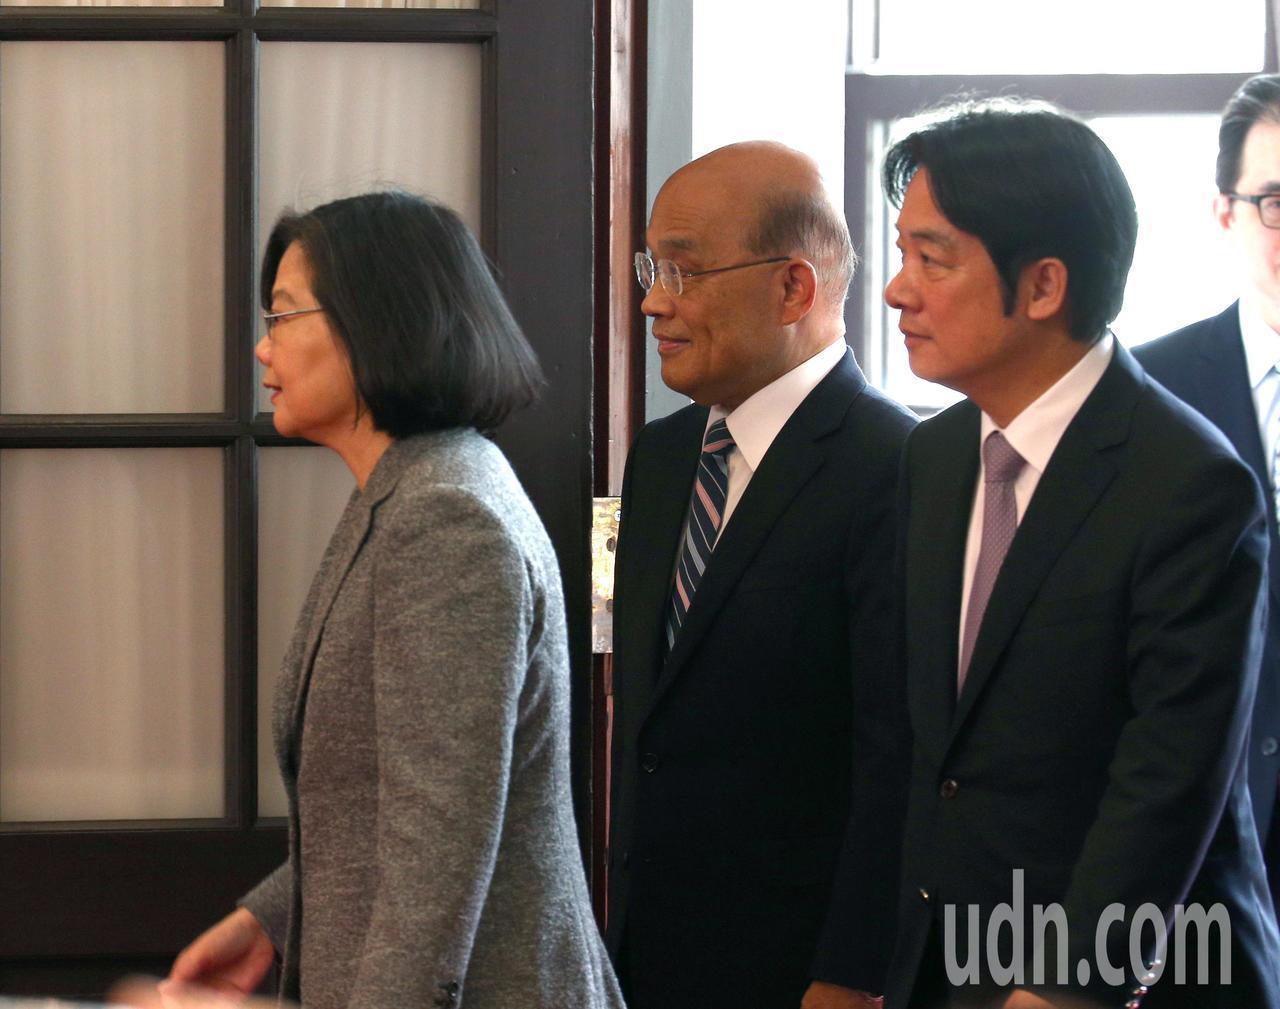 蔡英文總統(左起)上午在即將上任的行政院長蘇貞昌與卸任行政院長賴清德陪同下召開記...